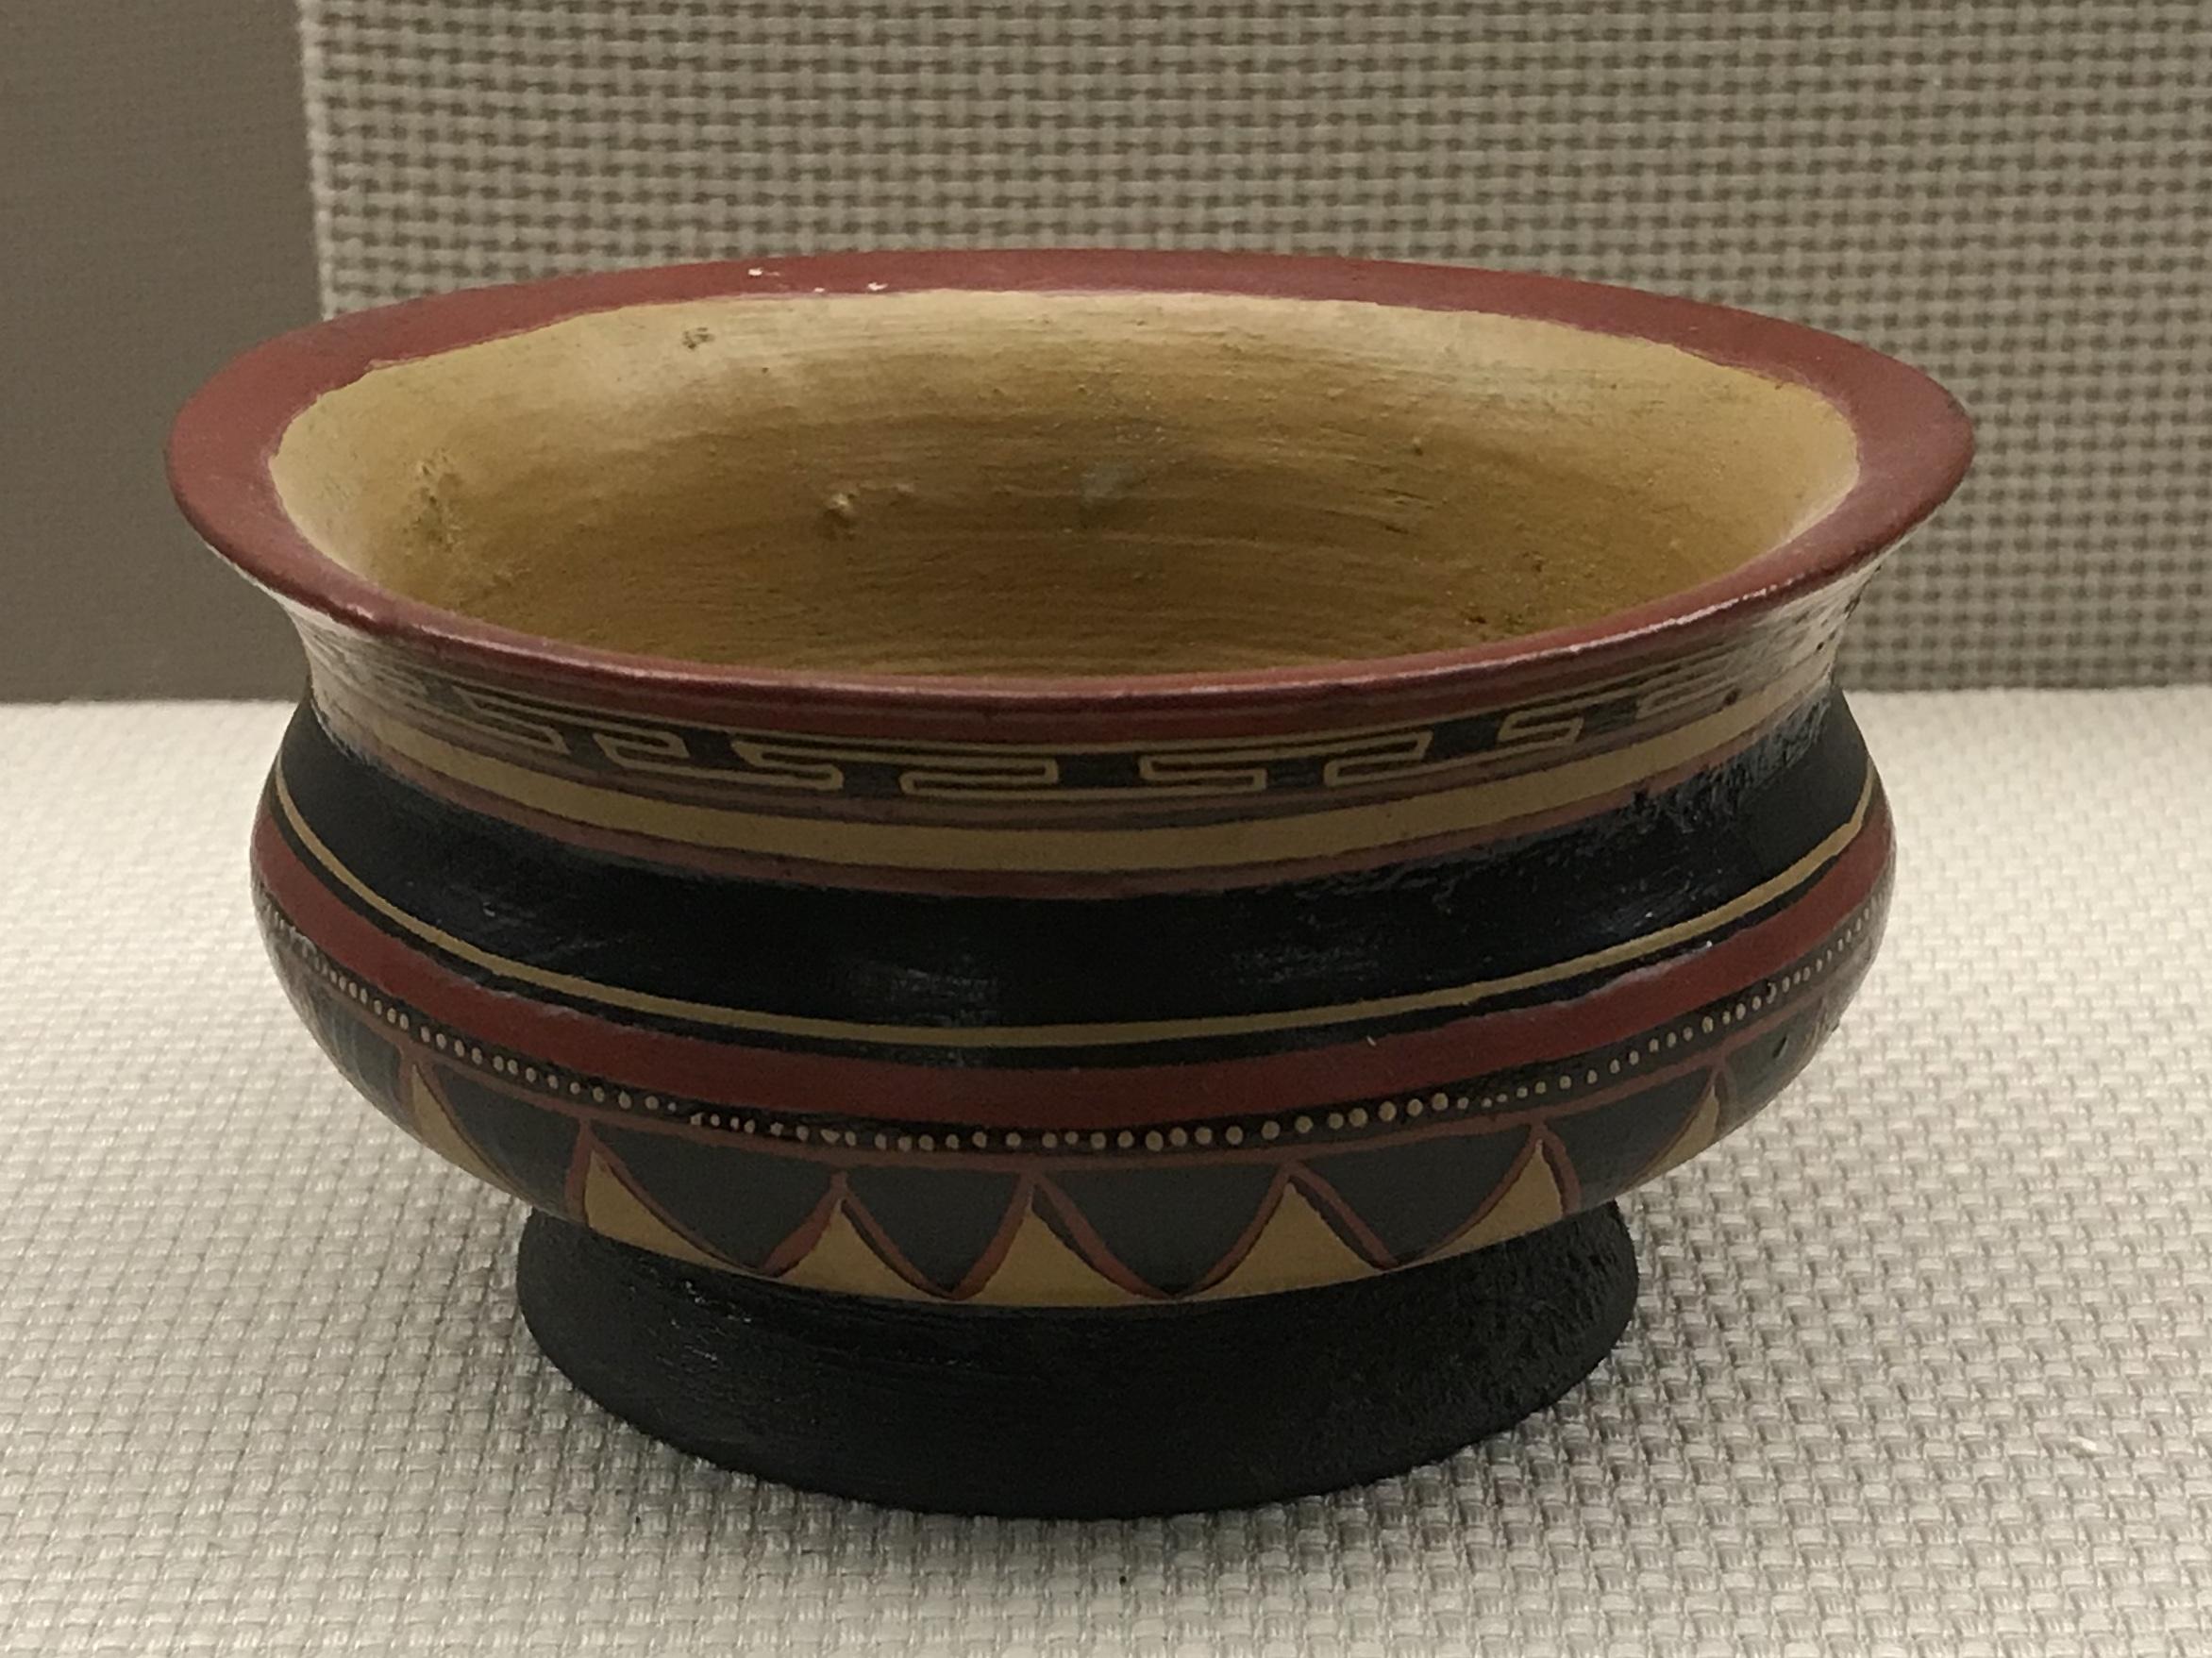 彩絵反口大杜漆碗-彜族漆器-四川民族文物館-四川博物館-成都